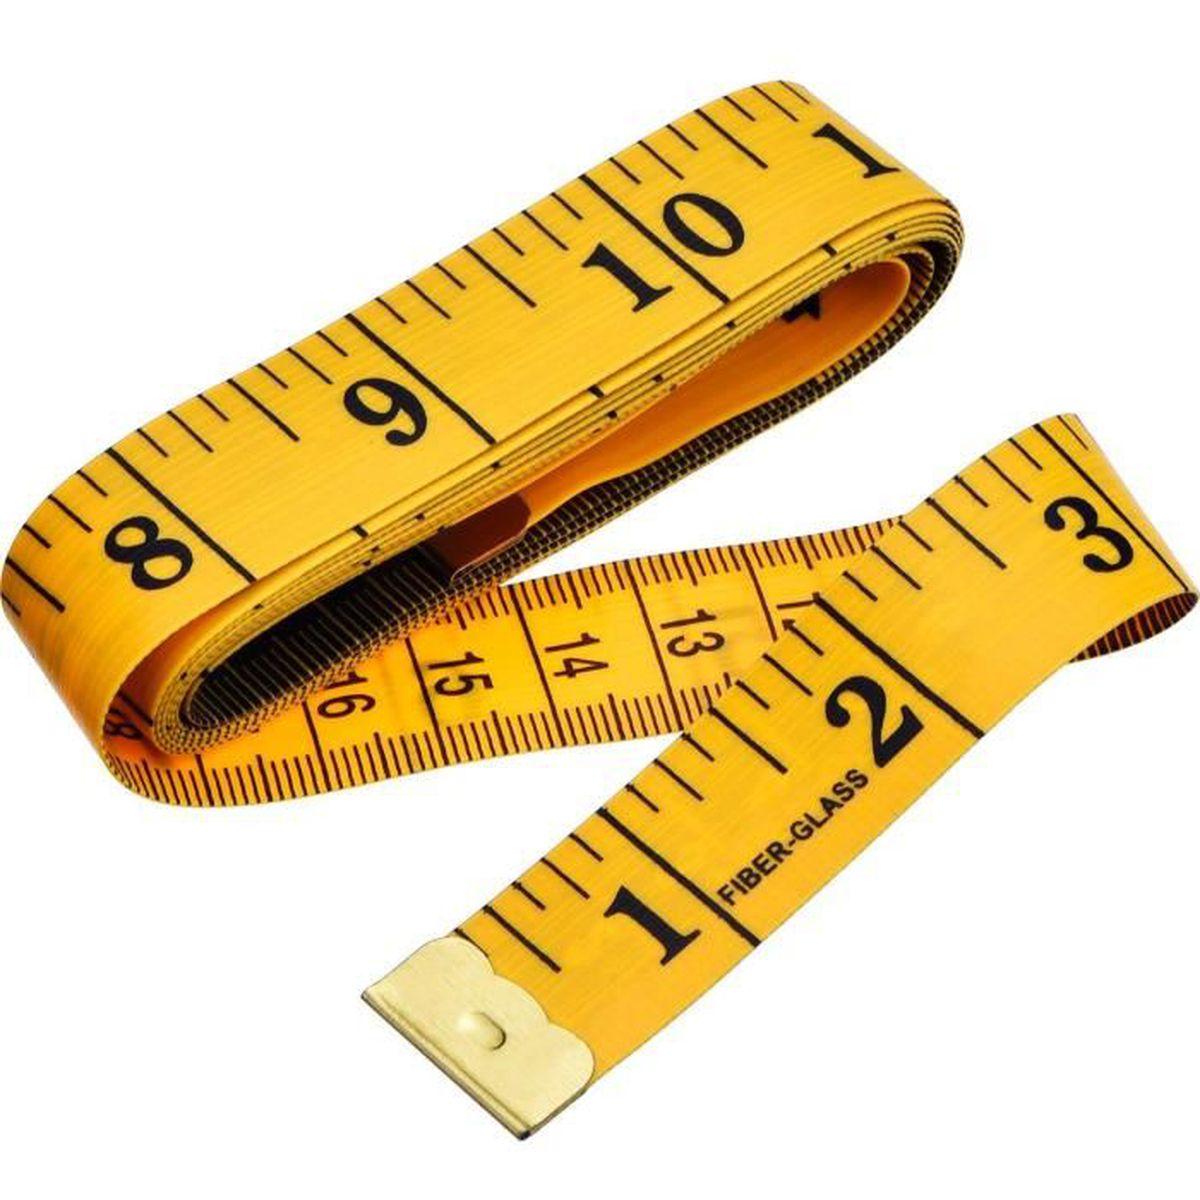 mesure du corps souple et r/étractable pour couture r/ègle en tissu 150 cm . 1 m/ètre ruban souple couleur al/éatoire